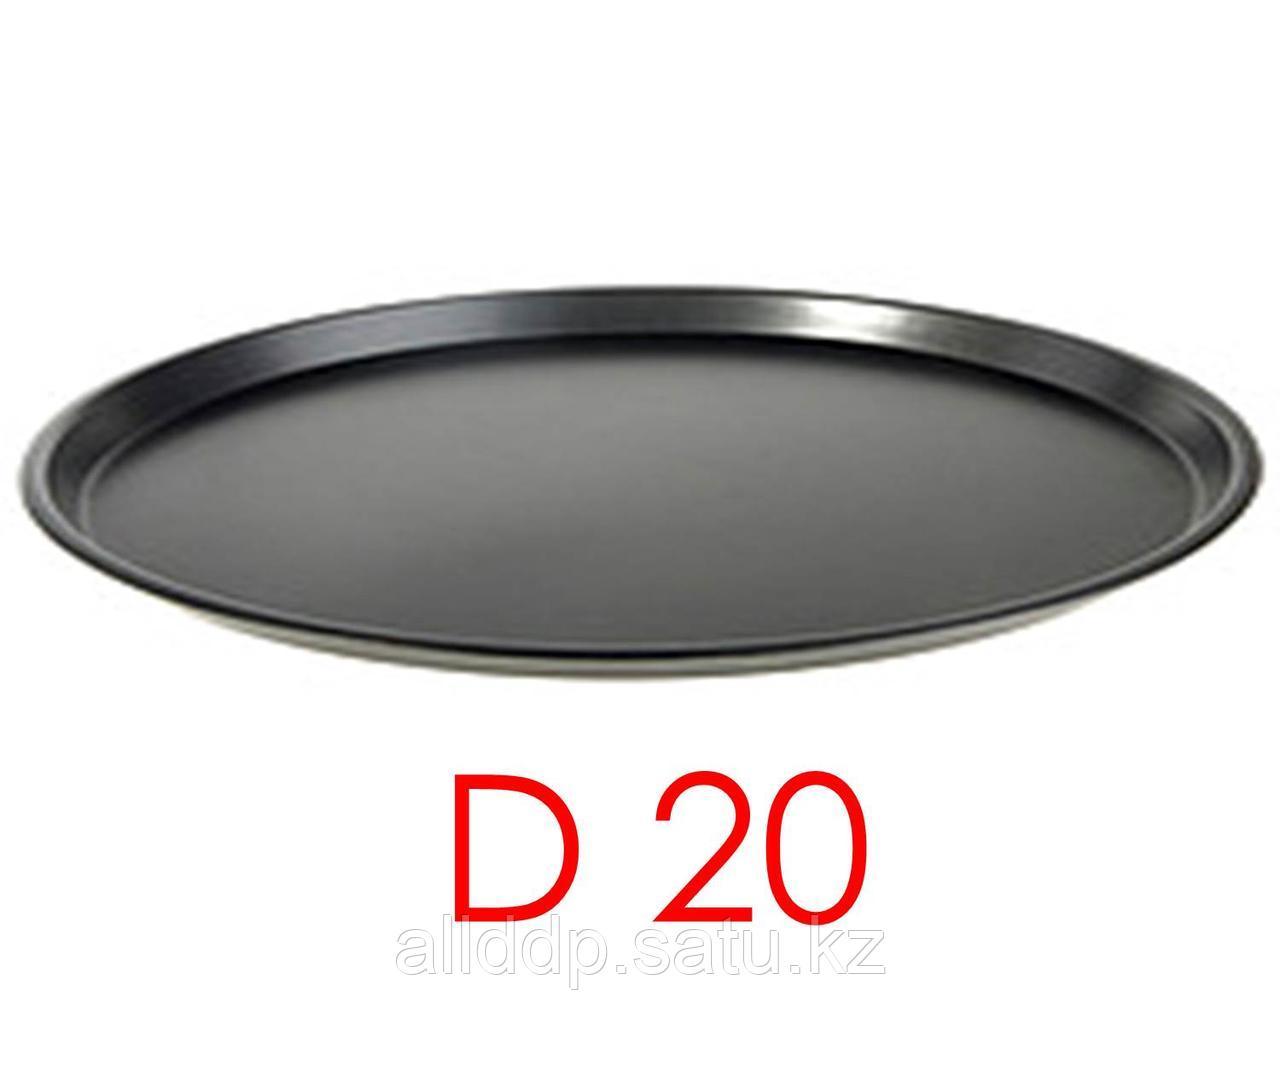 Форма для пиццы, круглая, D 250 мм